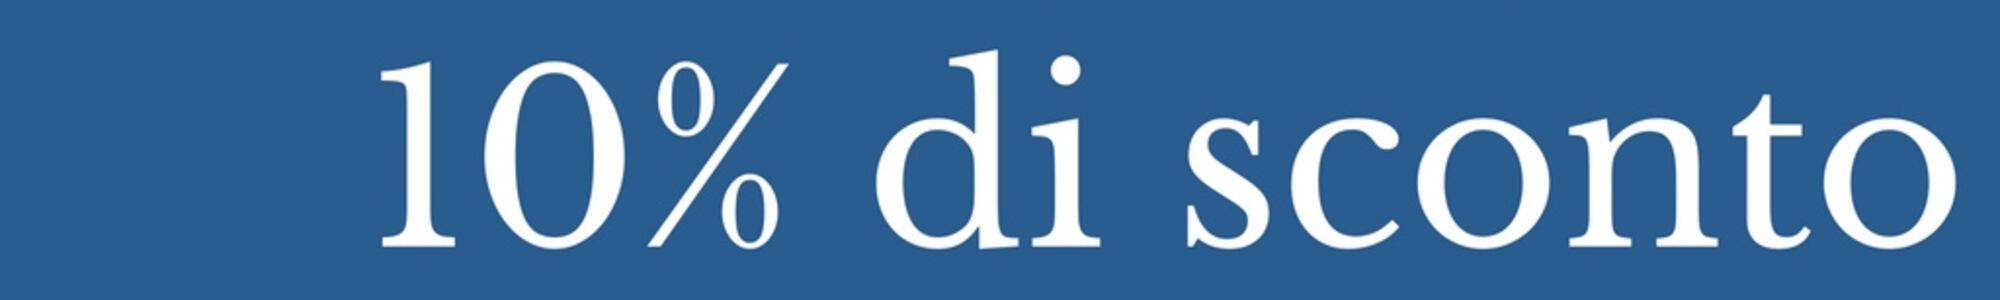 OFFERTA : PRENOTA PRIMA - CON SCONTO DEL 10%